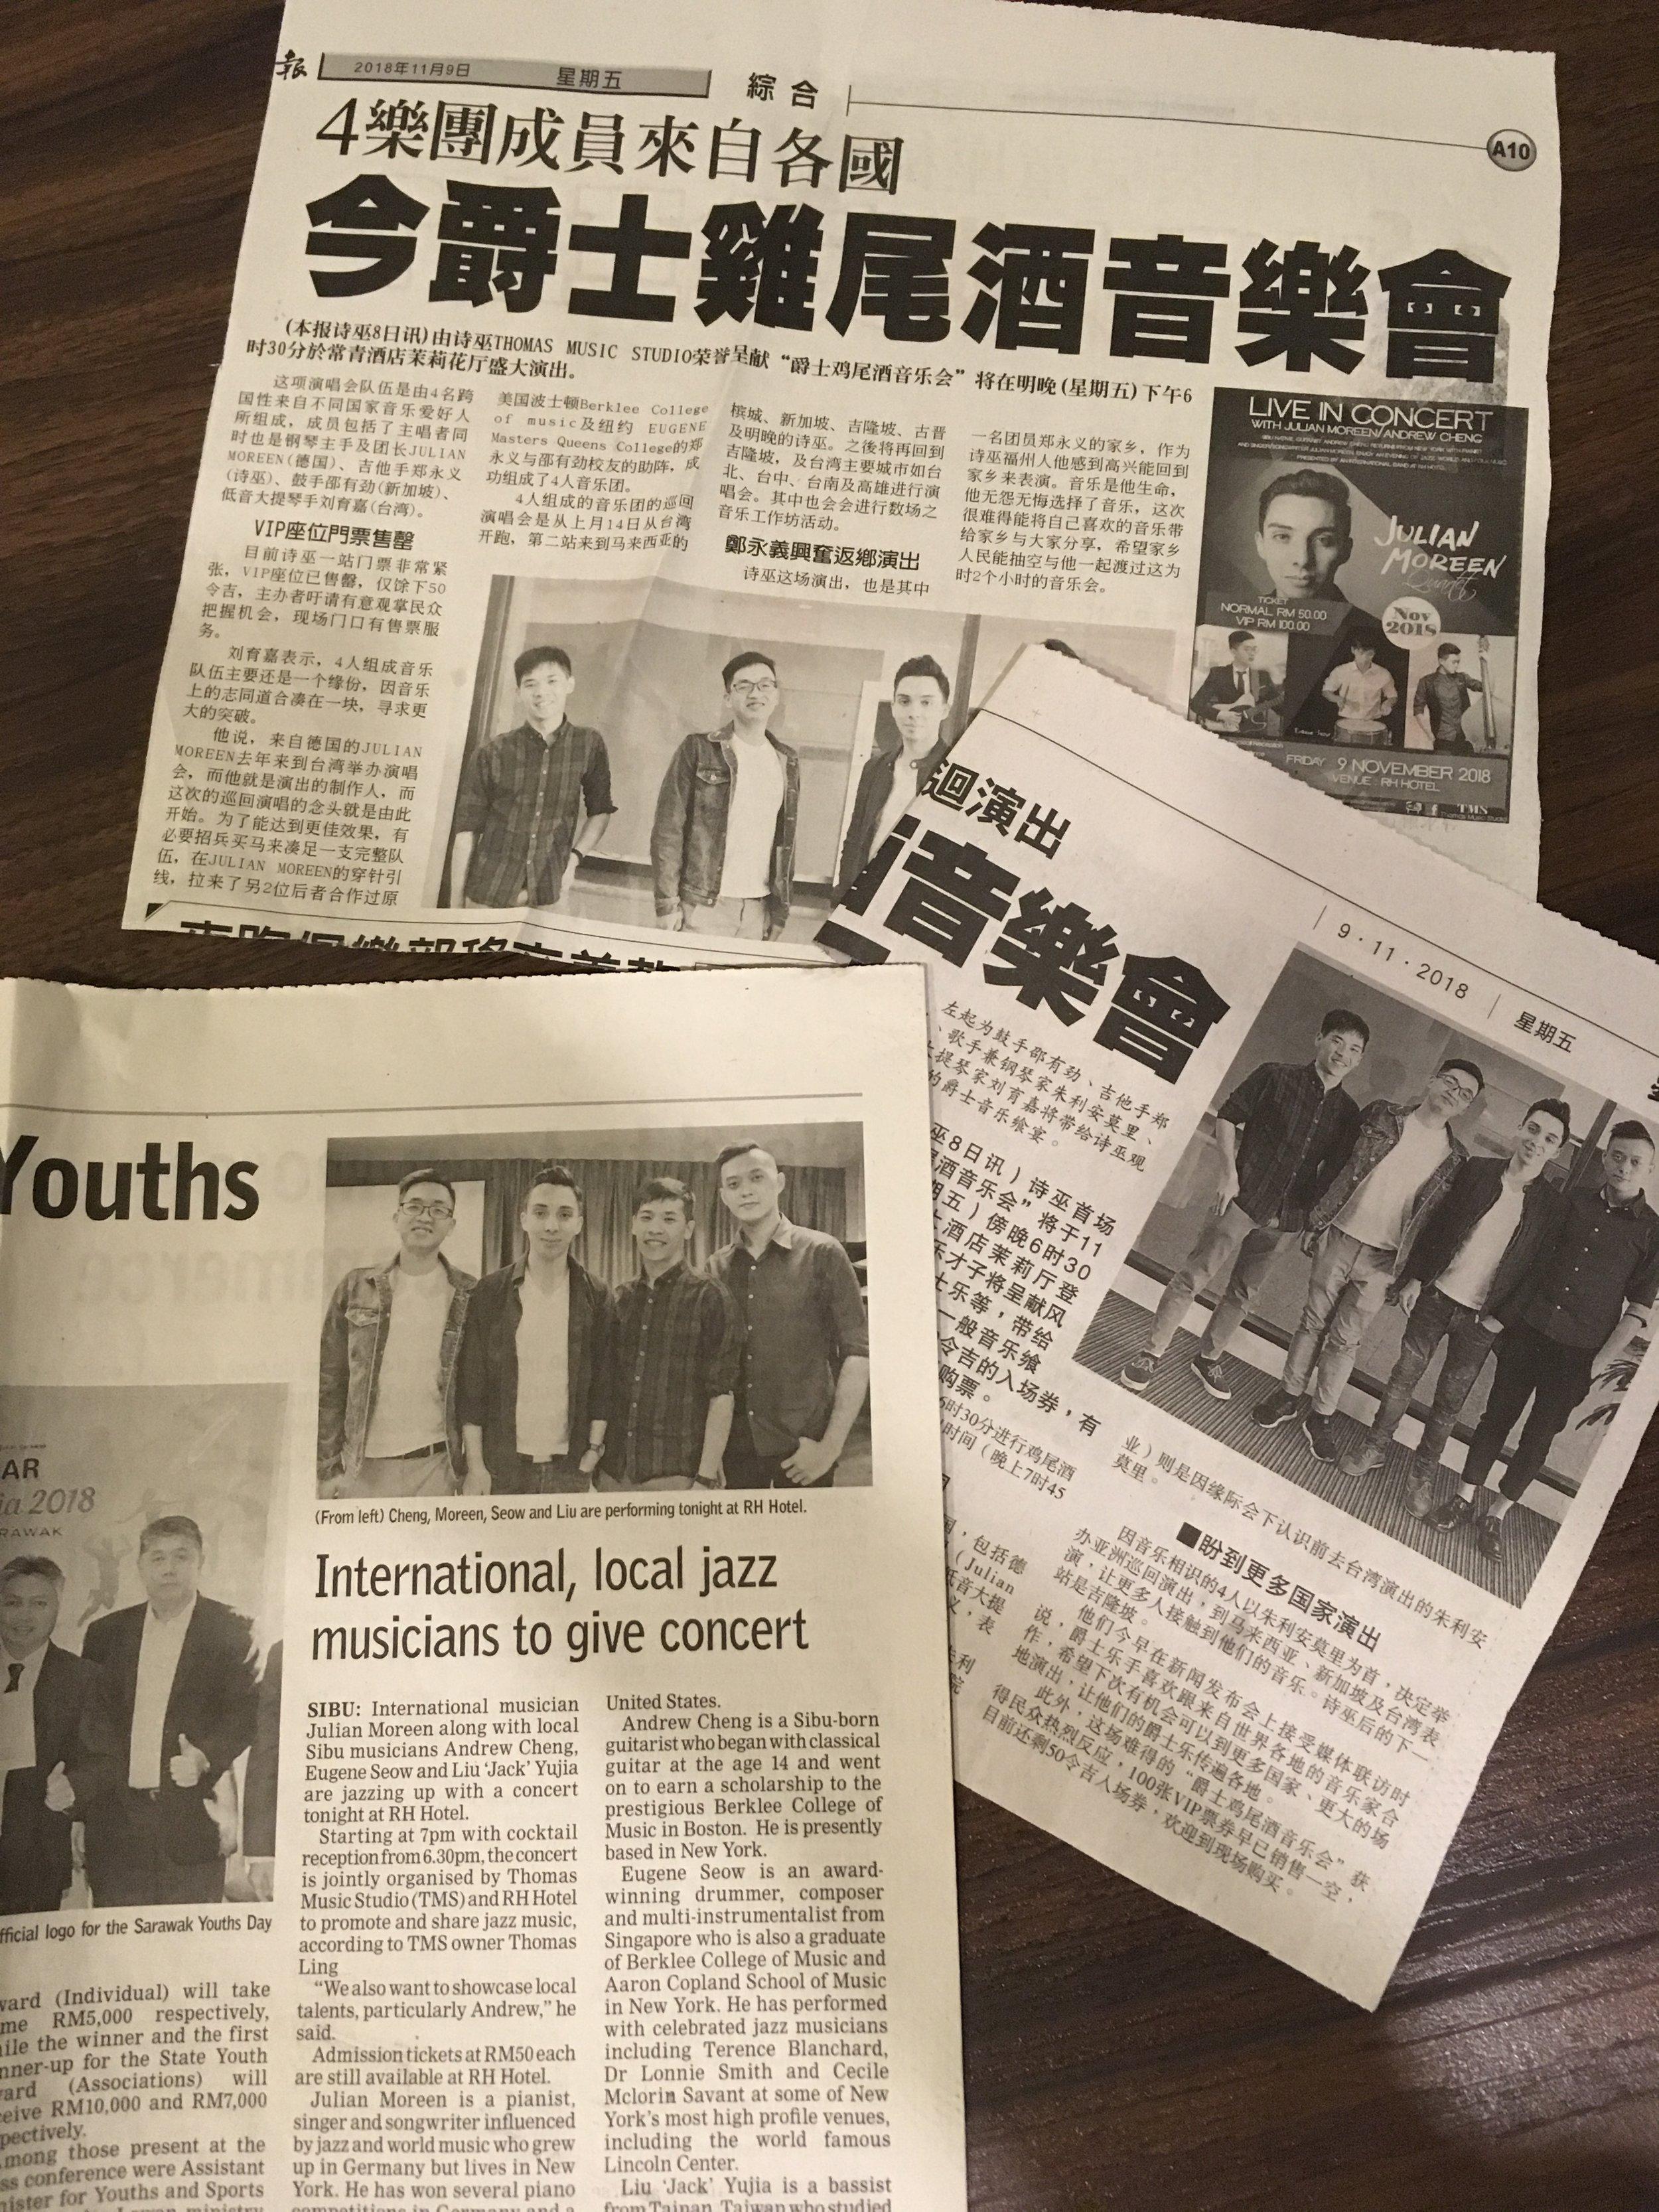 Newspapers in Malaysia   Borneo Post, promoting Julian Moreen live at RH Hotel in Sibu, Sarawak